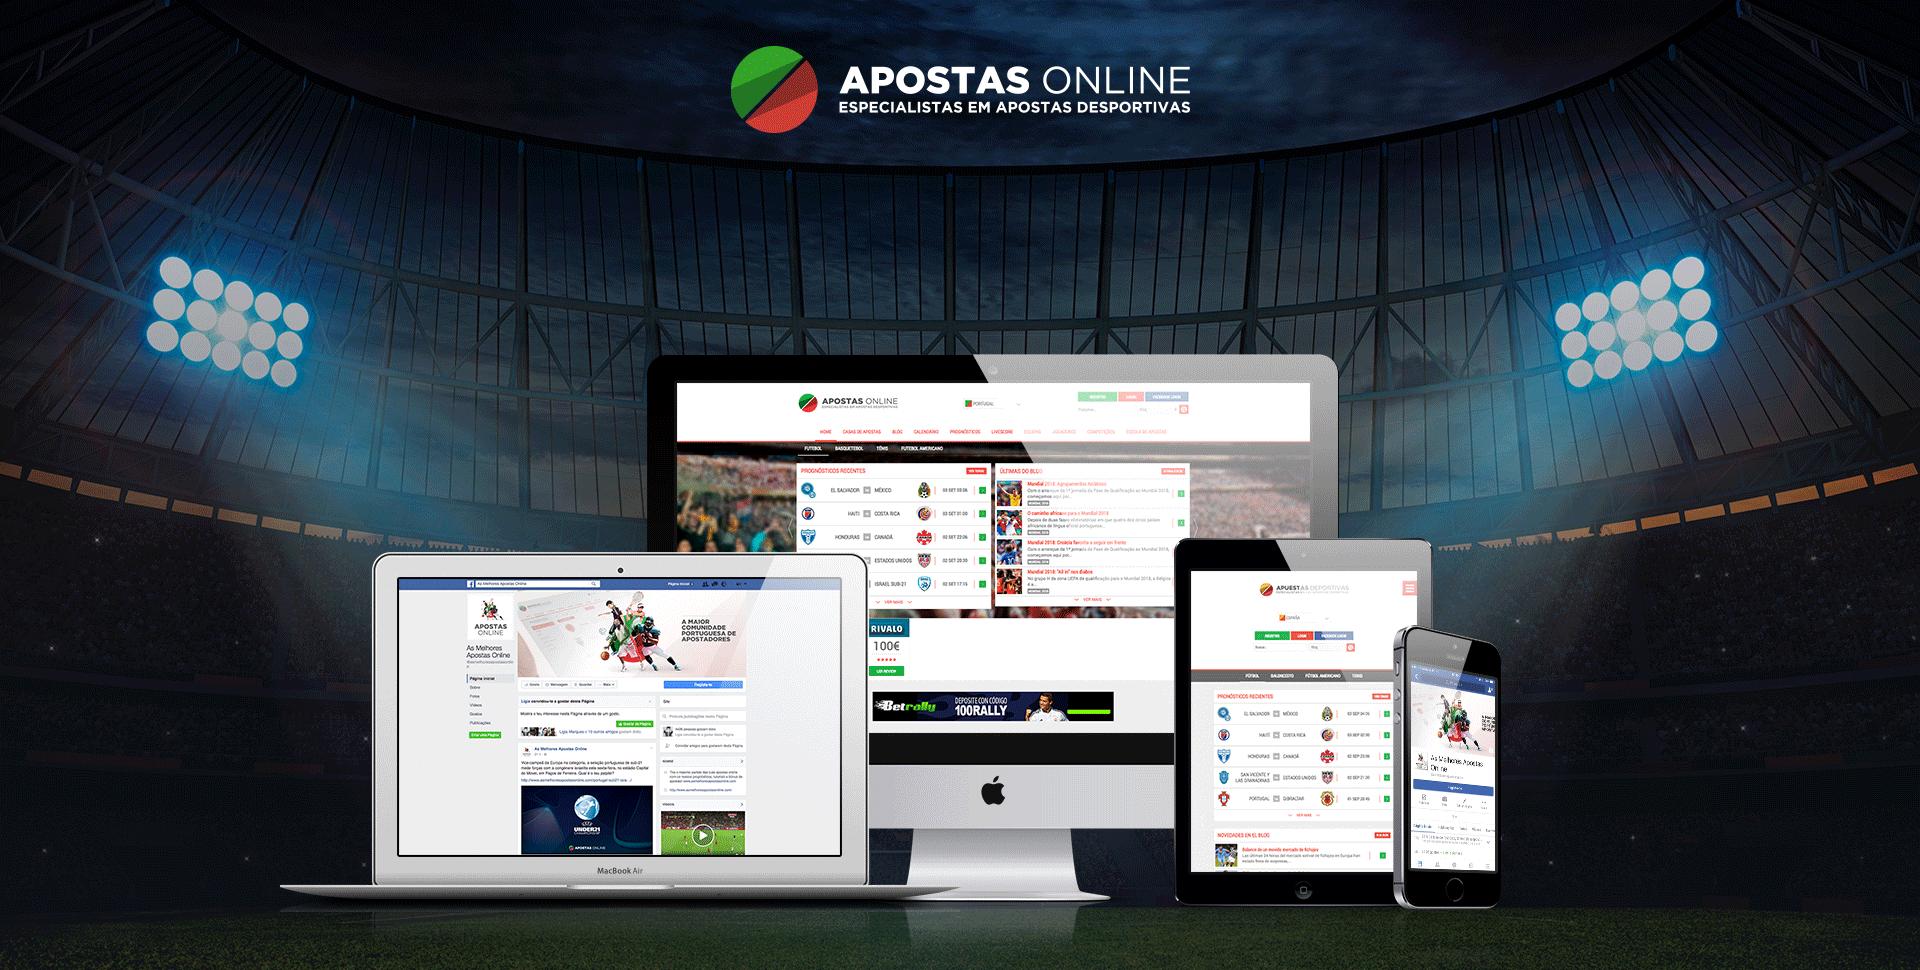 Apostas Online